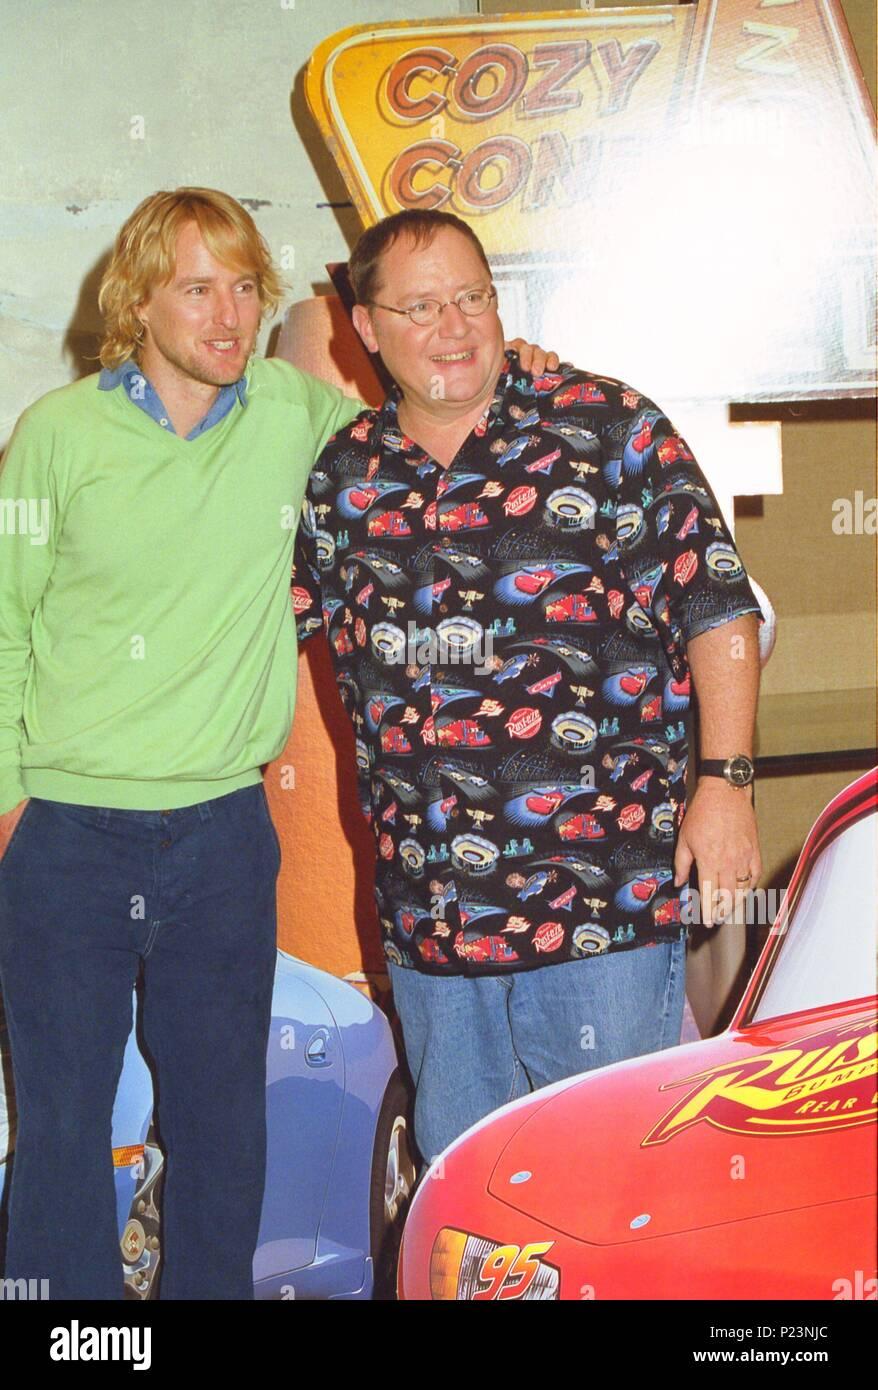 19 05 2006 Barcelona Spain Director John Lasseter And Actor